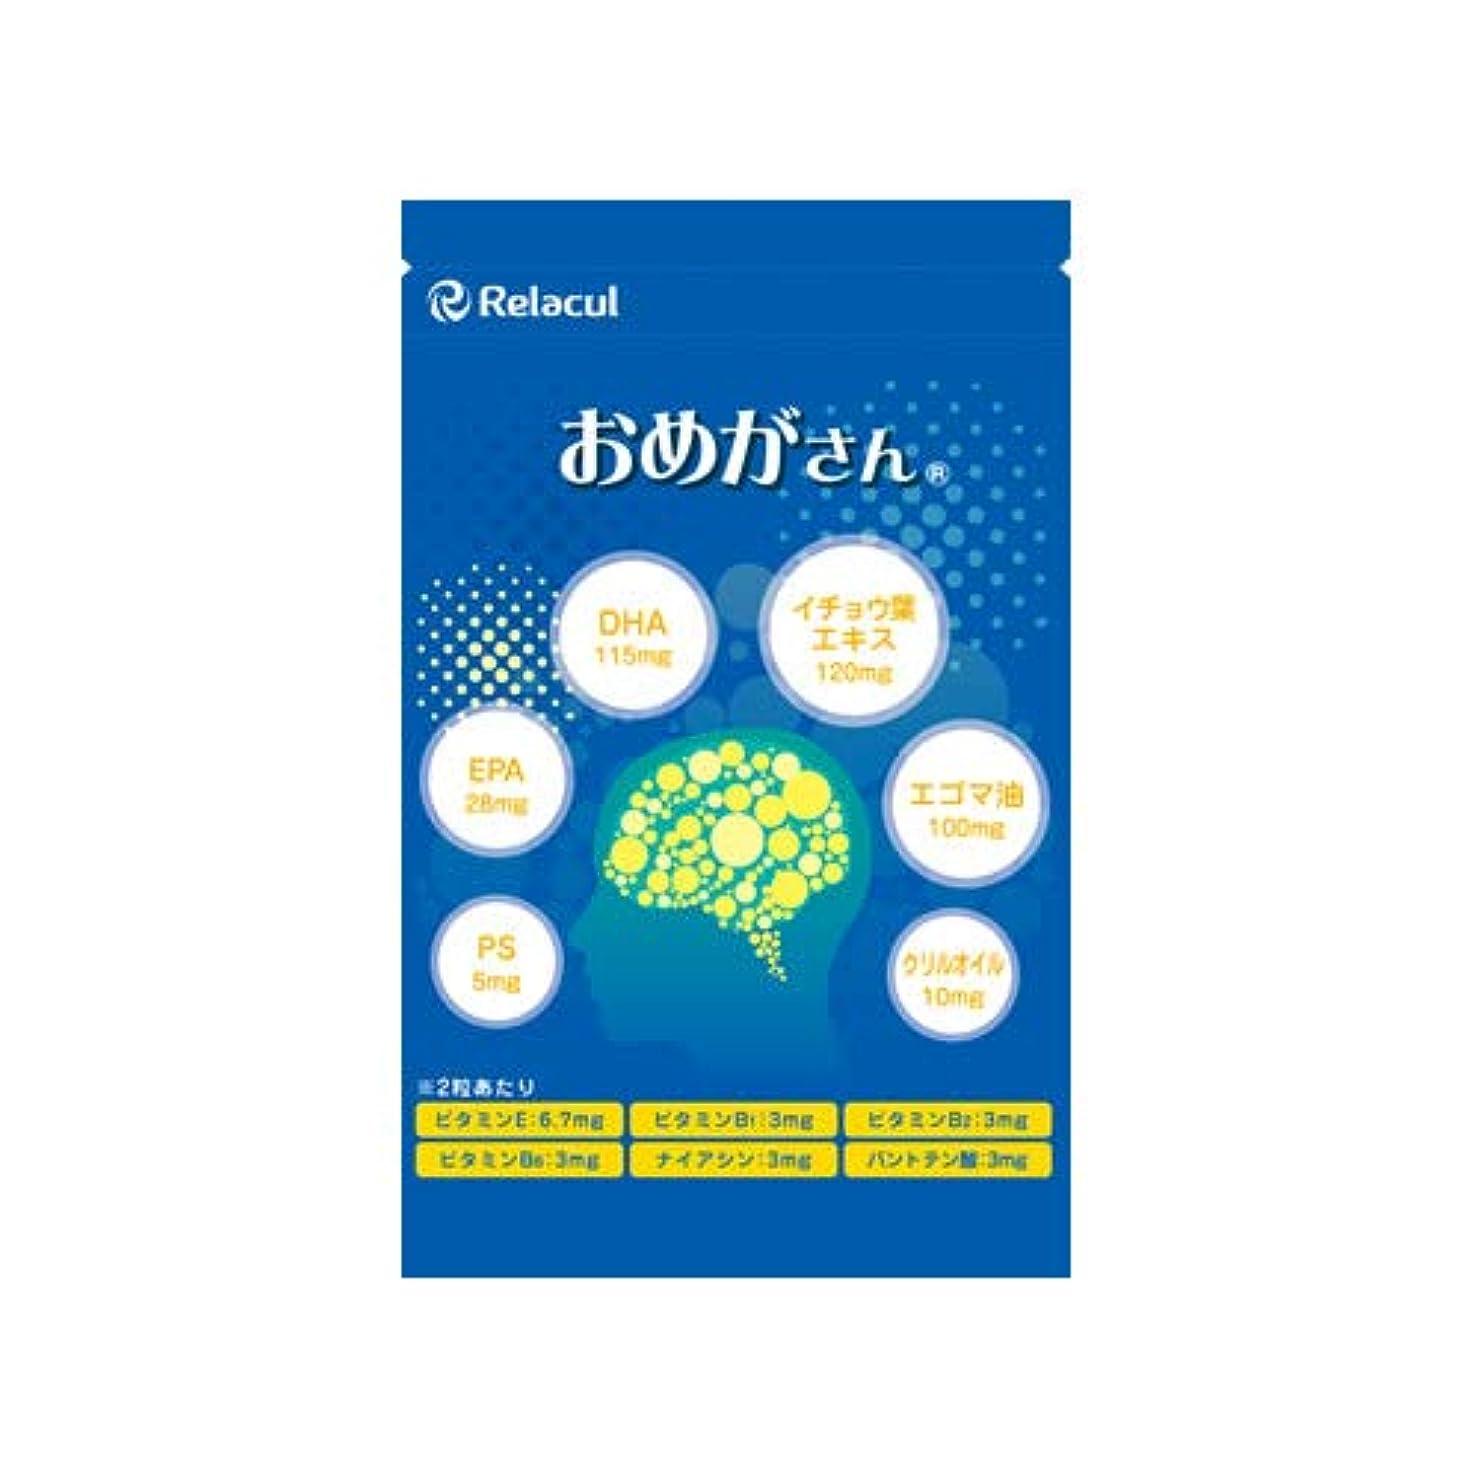 奪う歩行者まさにオメガ3脂肪酸 DHA EPA サプリ ( 日本製 ) うっかり 対策 サプリメント [偏った食生活に] フィッシュオイル イチョウ葉エキス エゴマ油 クリルオイル [ おめがさん 1袋 ] 60粒入 (約1か月分)